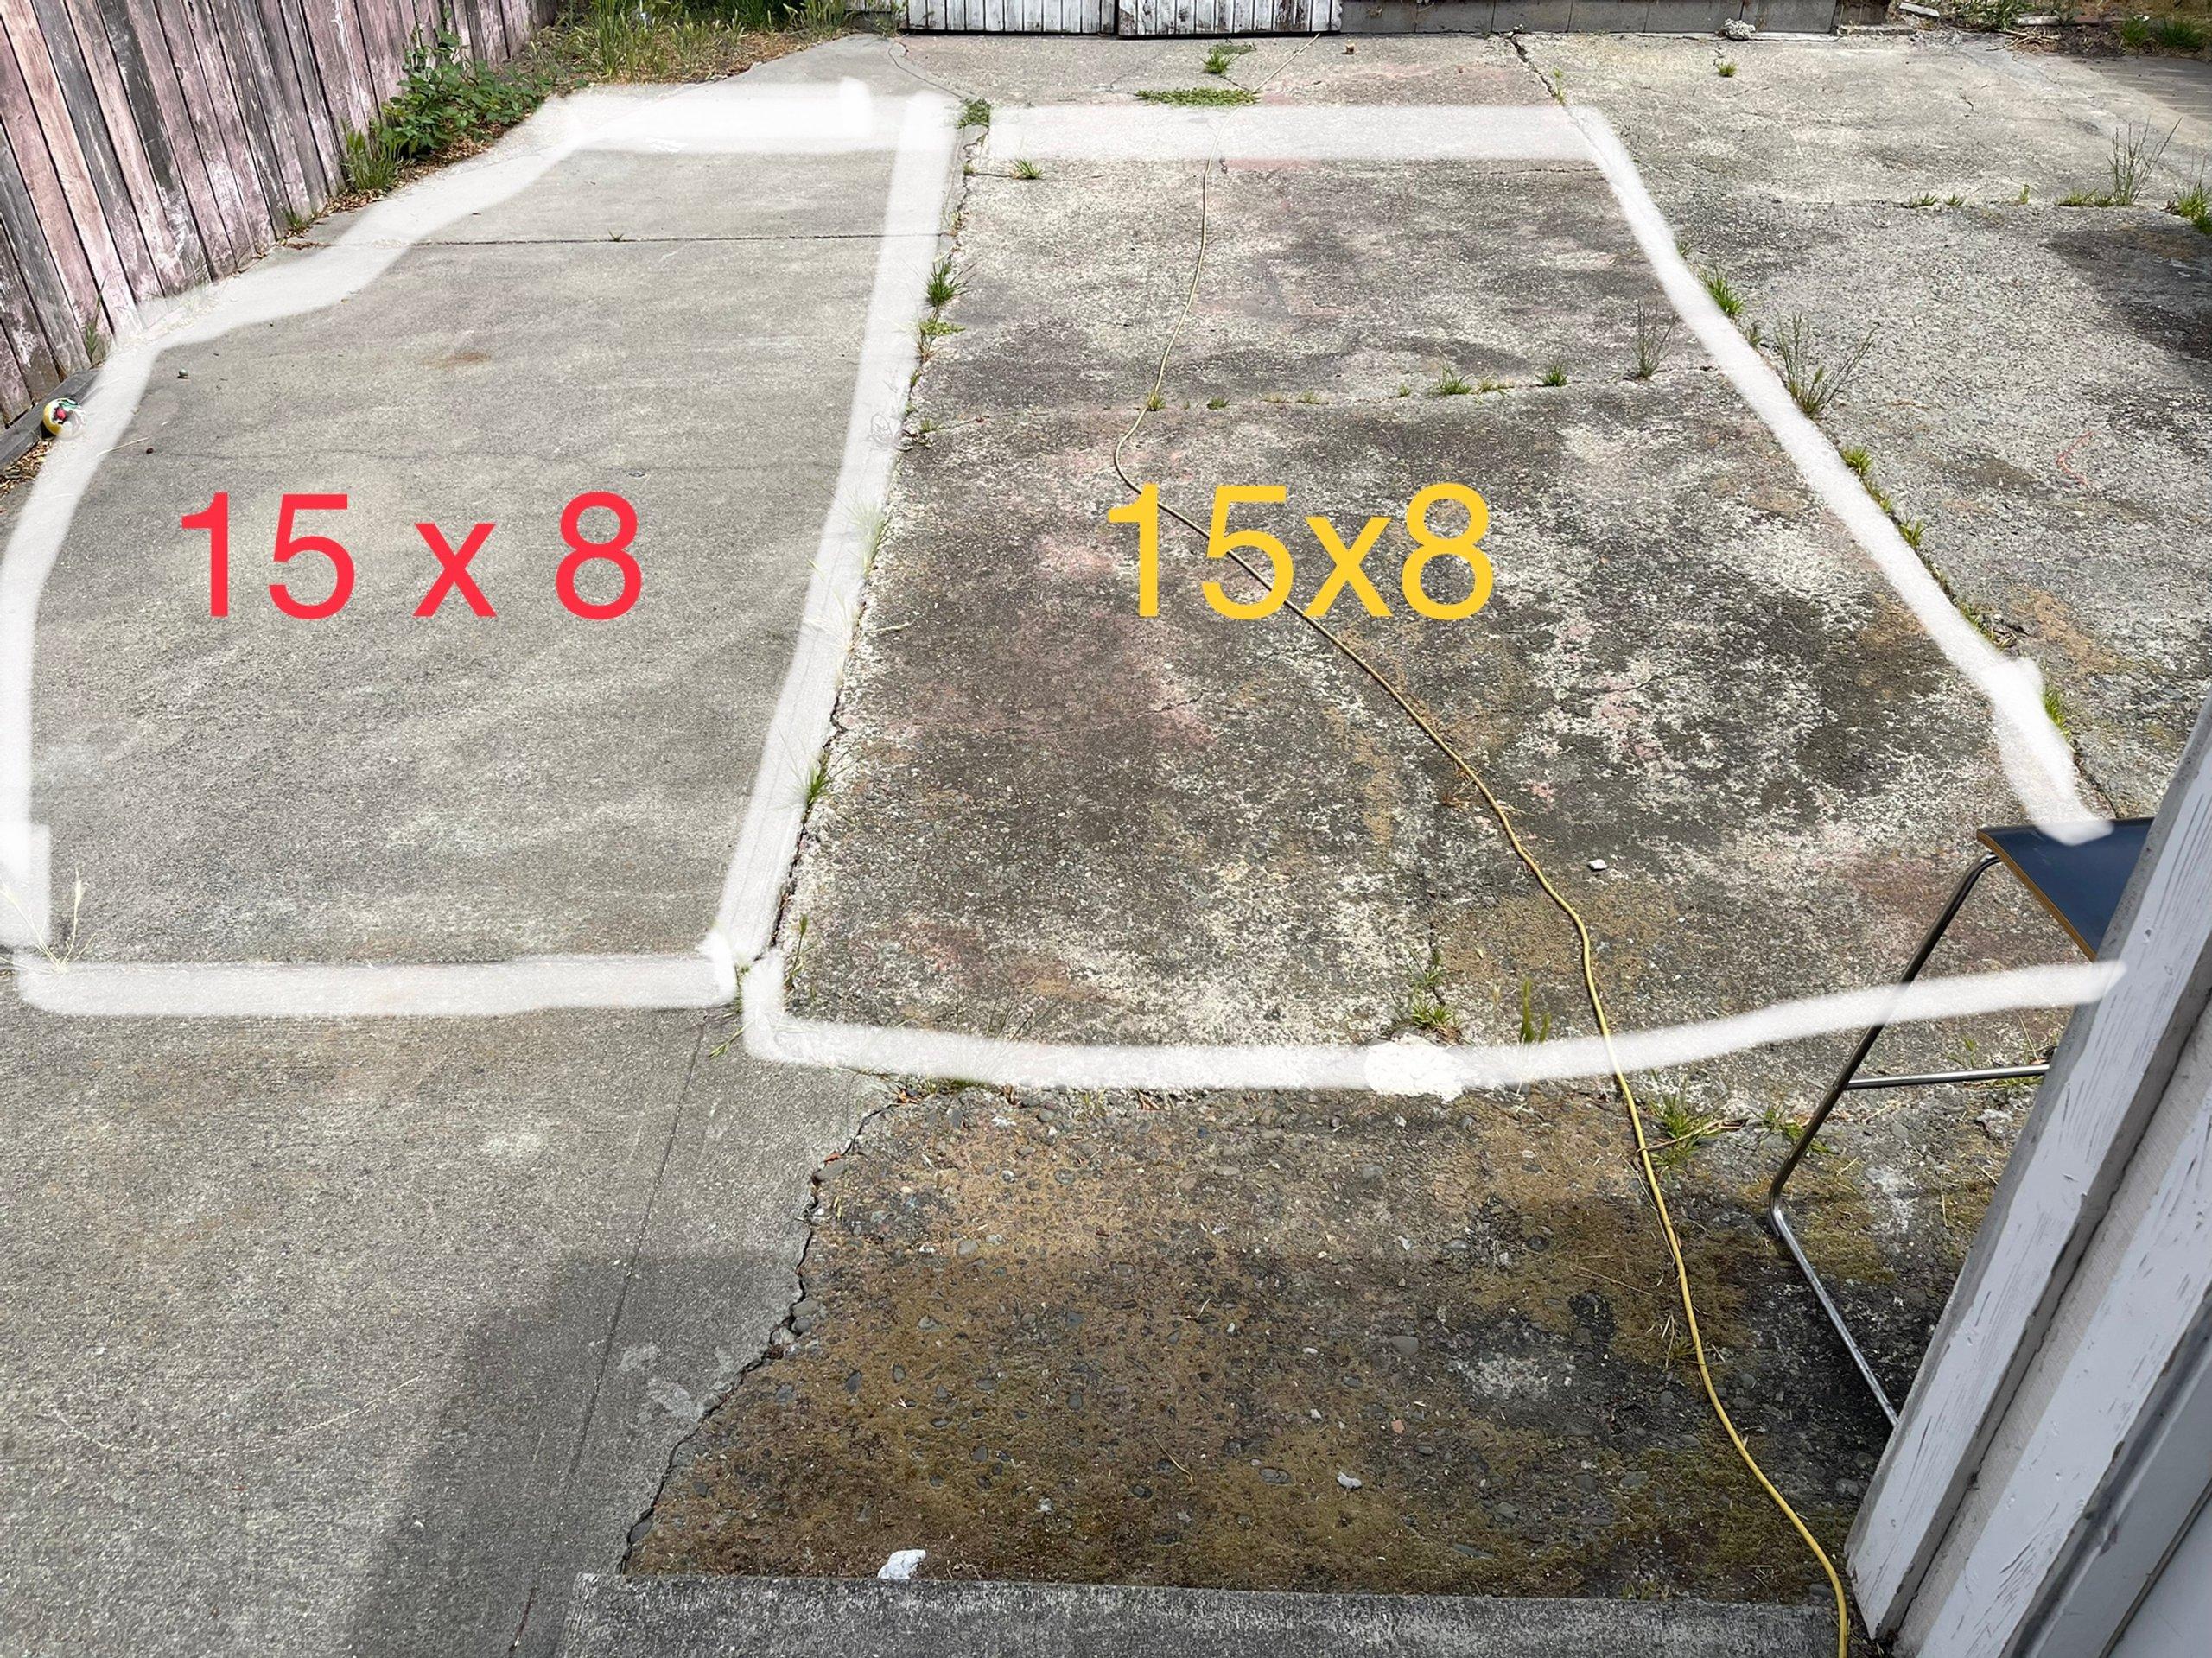 15x8 Other self storage unit